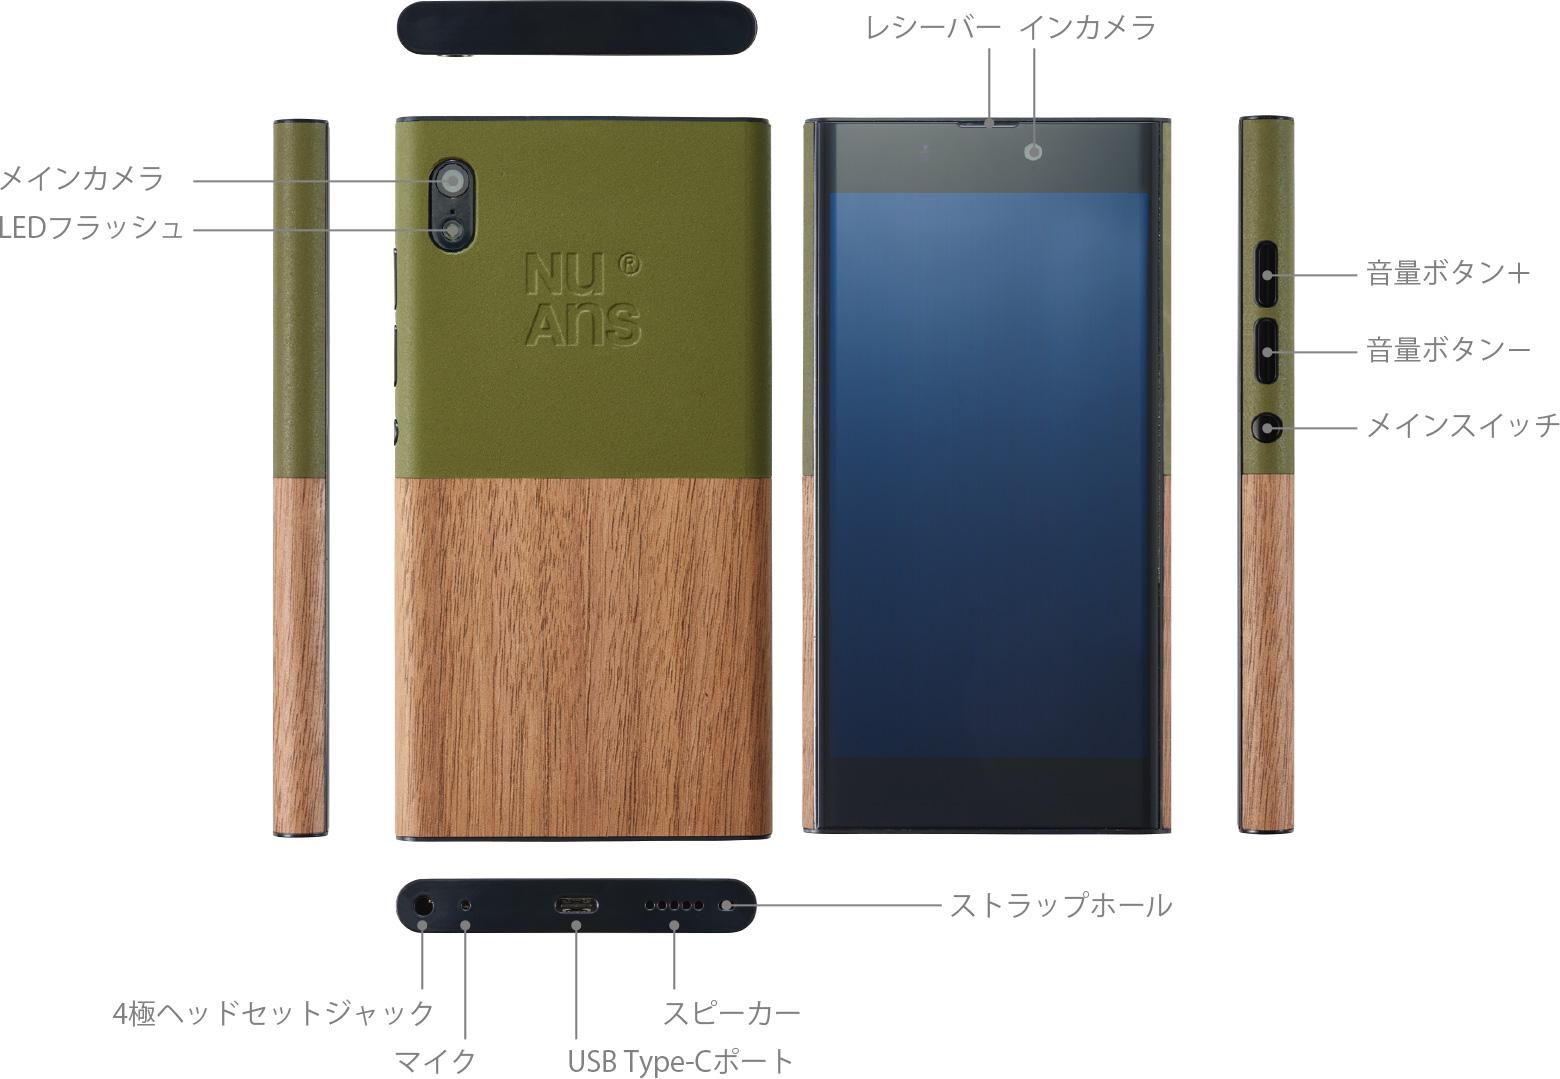 http://neo.nuans.jp/images/spec/top.jpg